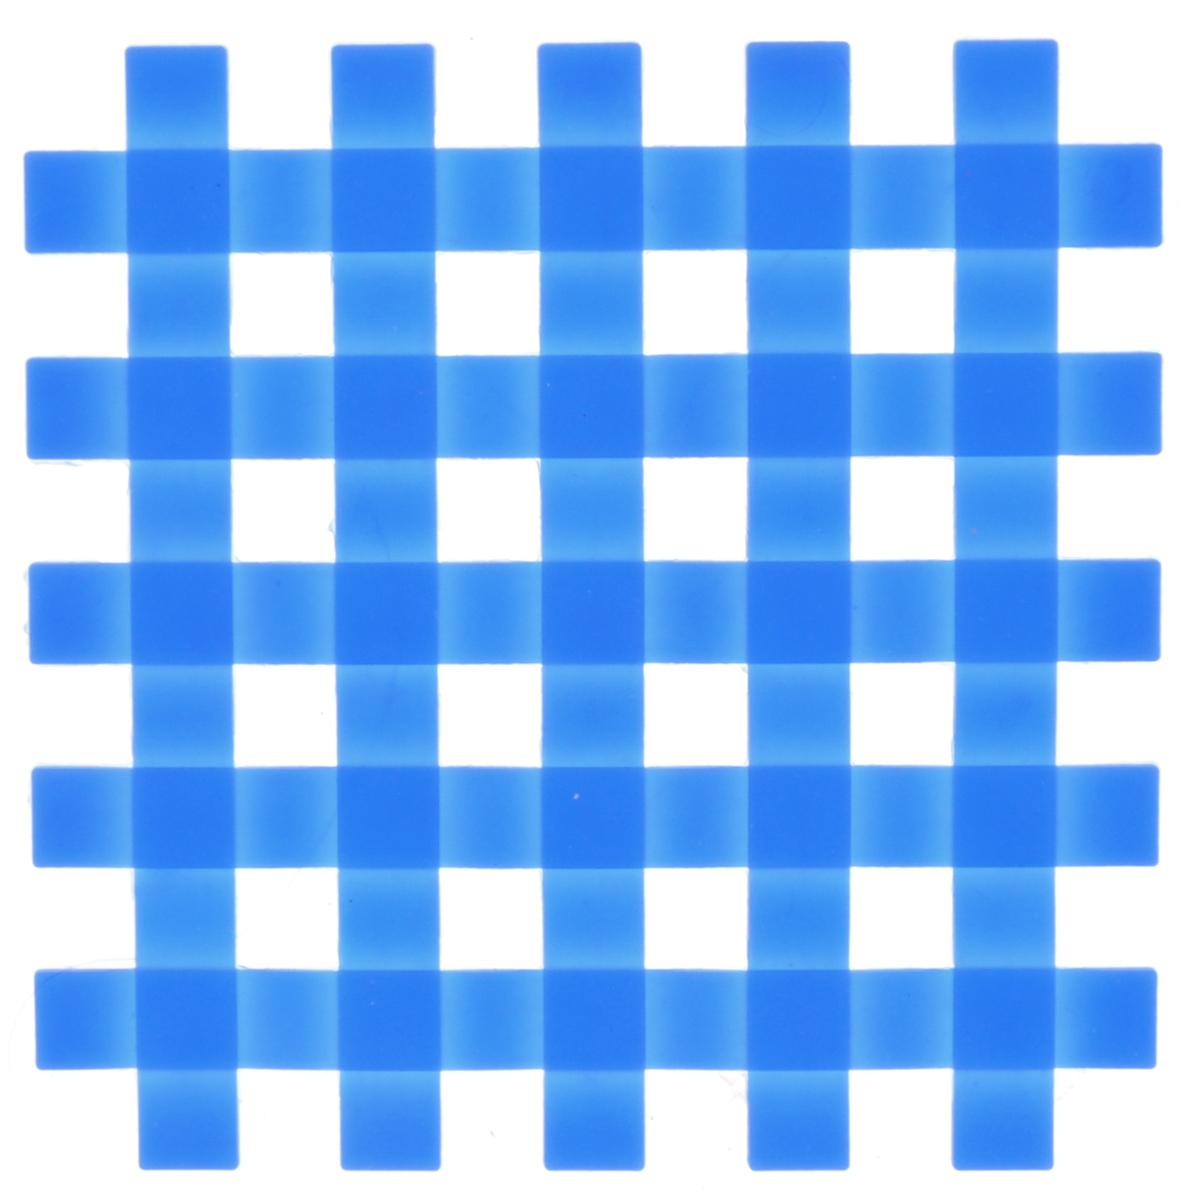 Подставка под горячее Mayer & Boch, силиконовая, цвет: синий, 17 х 17 см20059Подставка под горячее Mayer & Boch изготовлена из силикона и оформлена ввиде сетки. Материал позволяет выдерживать высокиетемпературы и не скользит по поверхности стола.Каждая хозяйка знает, что подставка под горячее - это незаменимый и очень полезныйаксессуар на каждойкухне. Ваш стол будет не только украшен яркой и оригинальной подставкой, но также вы сможете уберечь его от воздействия высокихтемператур.